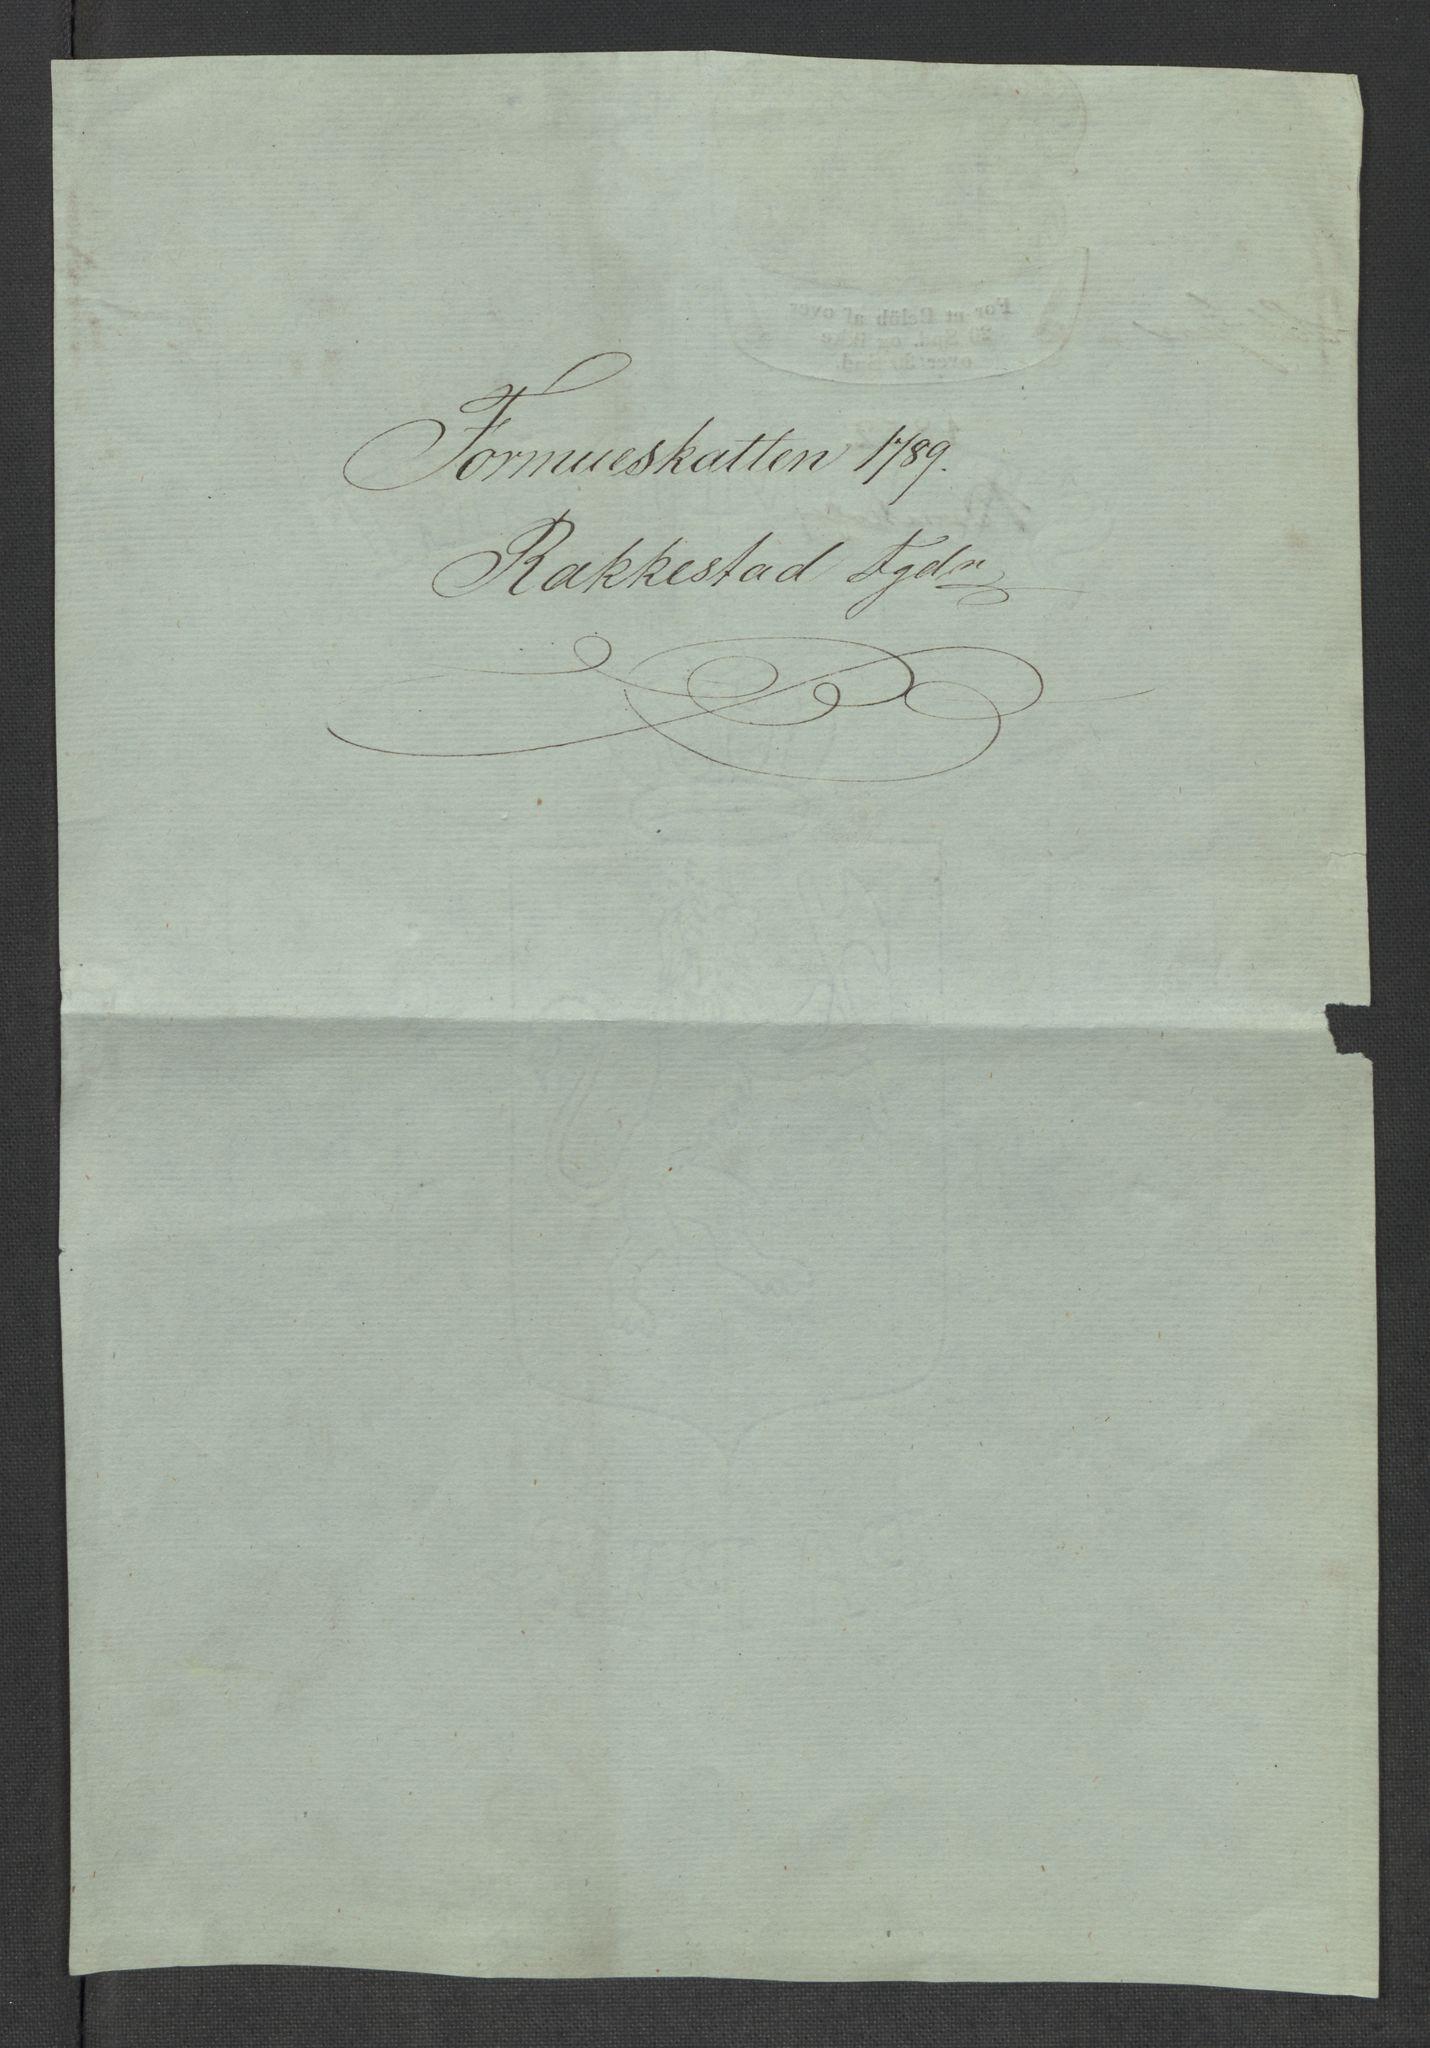 RA, Rentekammeret inntil 1814, Reviderte regnskaper, Mindre regnskaper, Rf/Rfe/L0035: Rakkestad, Heggen og Frøland fogderi, 1789, s. 3